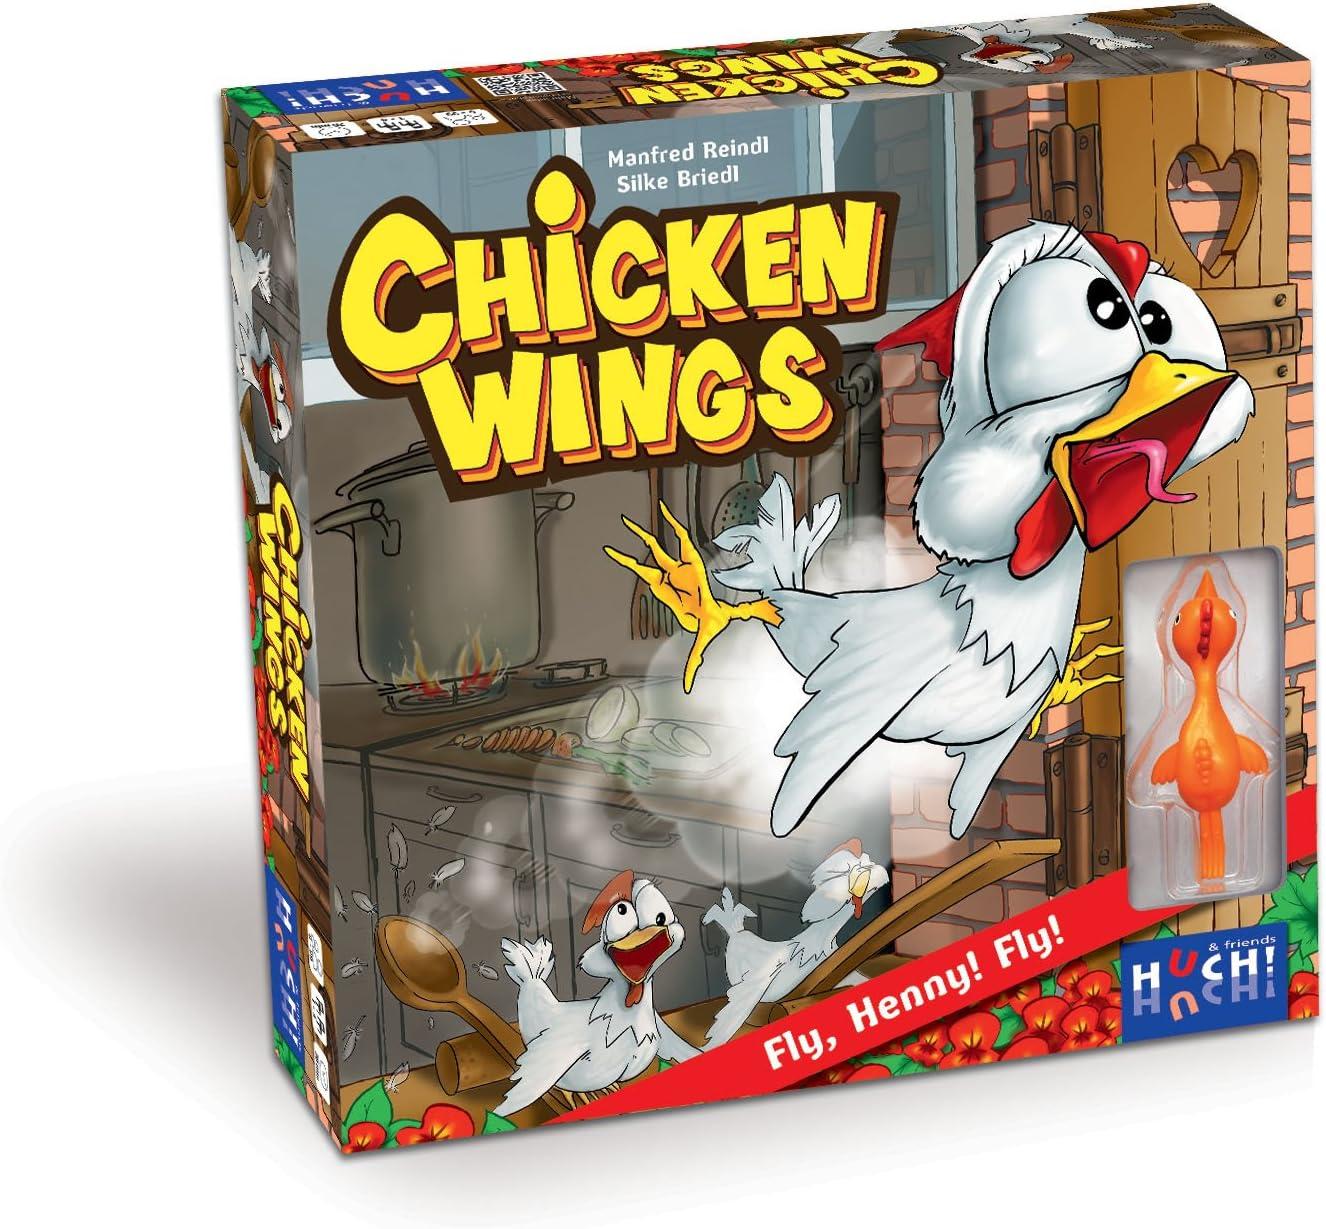 Huch & Friends 879431 – Chicken Wings, Juego de habilidad , color/modelo surtido: Amazon.es: Juguetes y juegos